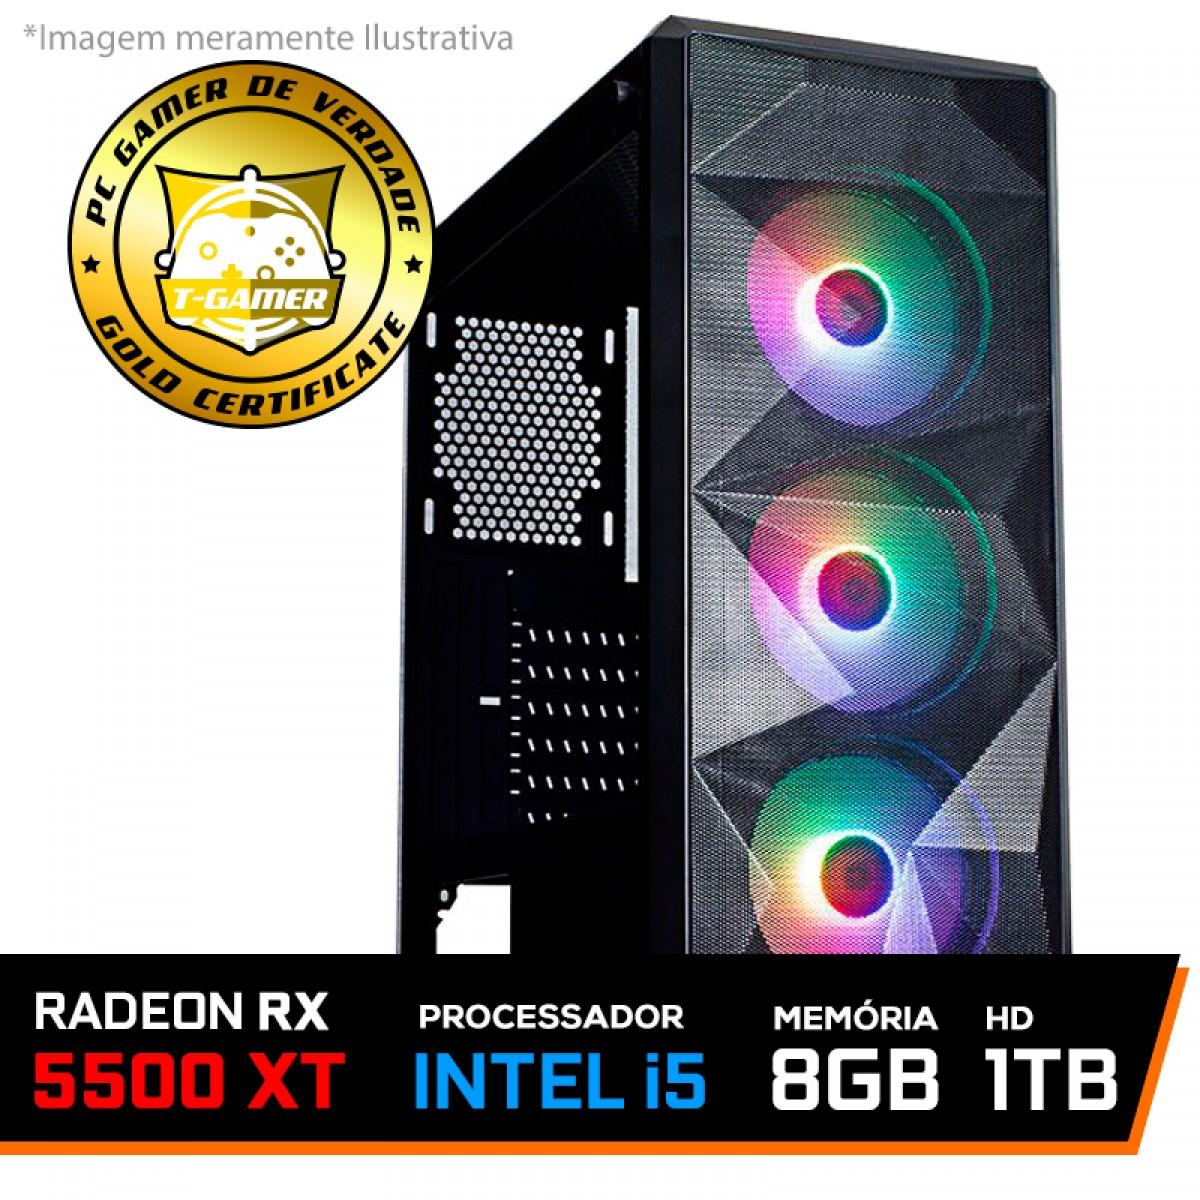 Pc Gamer Tera Edition Intel Core i5 9400F / Radeon RX 5500 XT 8GB / DDR4 8GB / HD 1TB / 600W